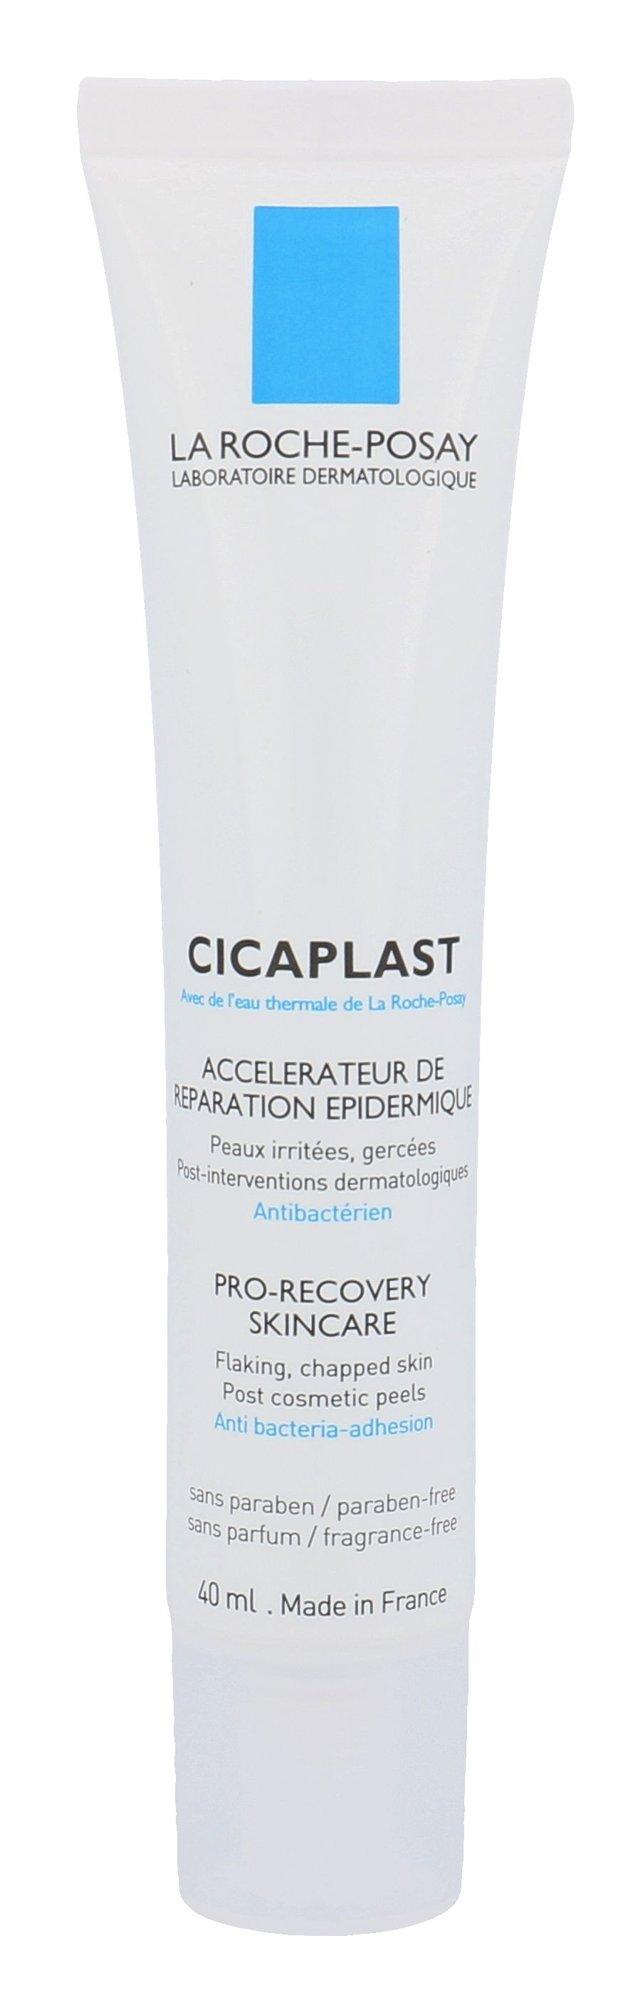 La Roche-Posay Cicaplast Cosmetic 40ml